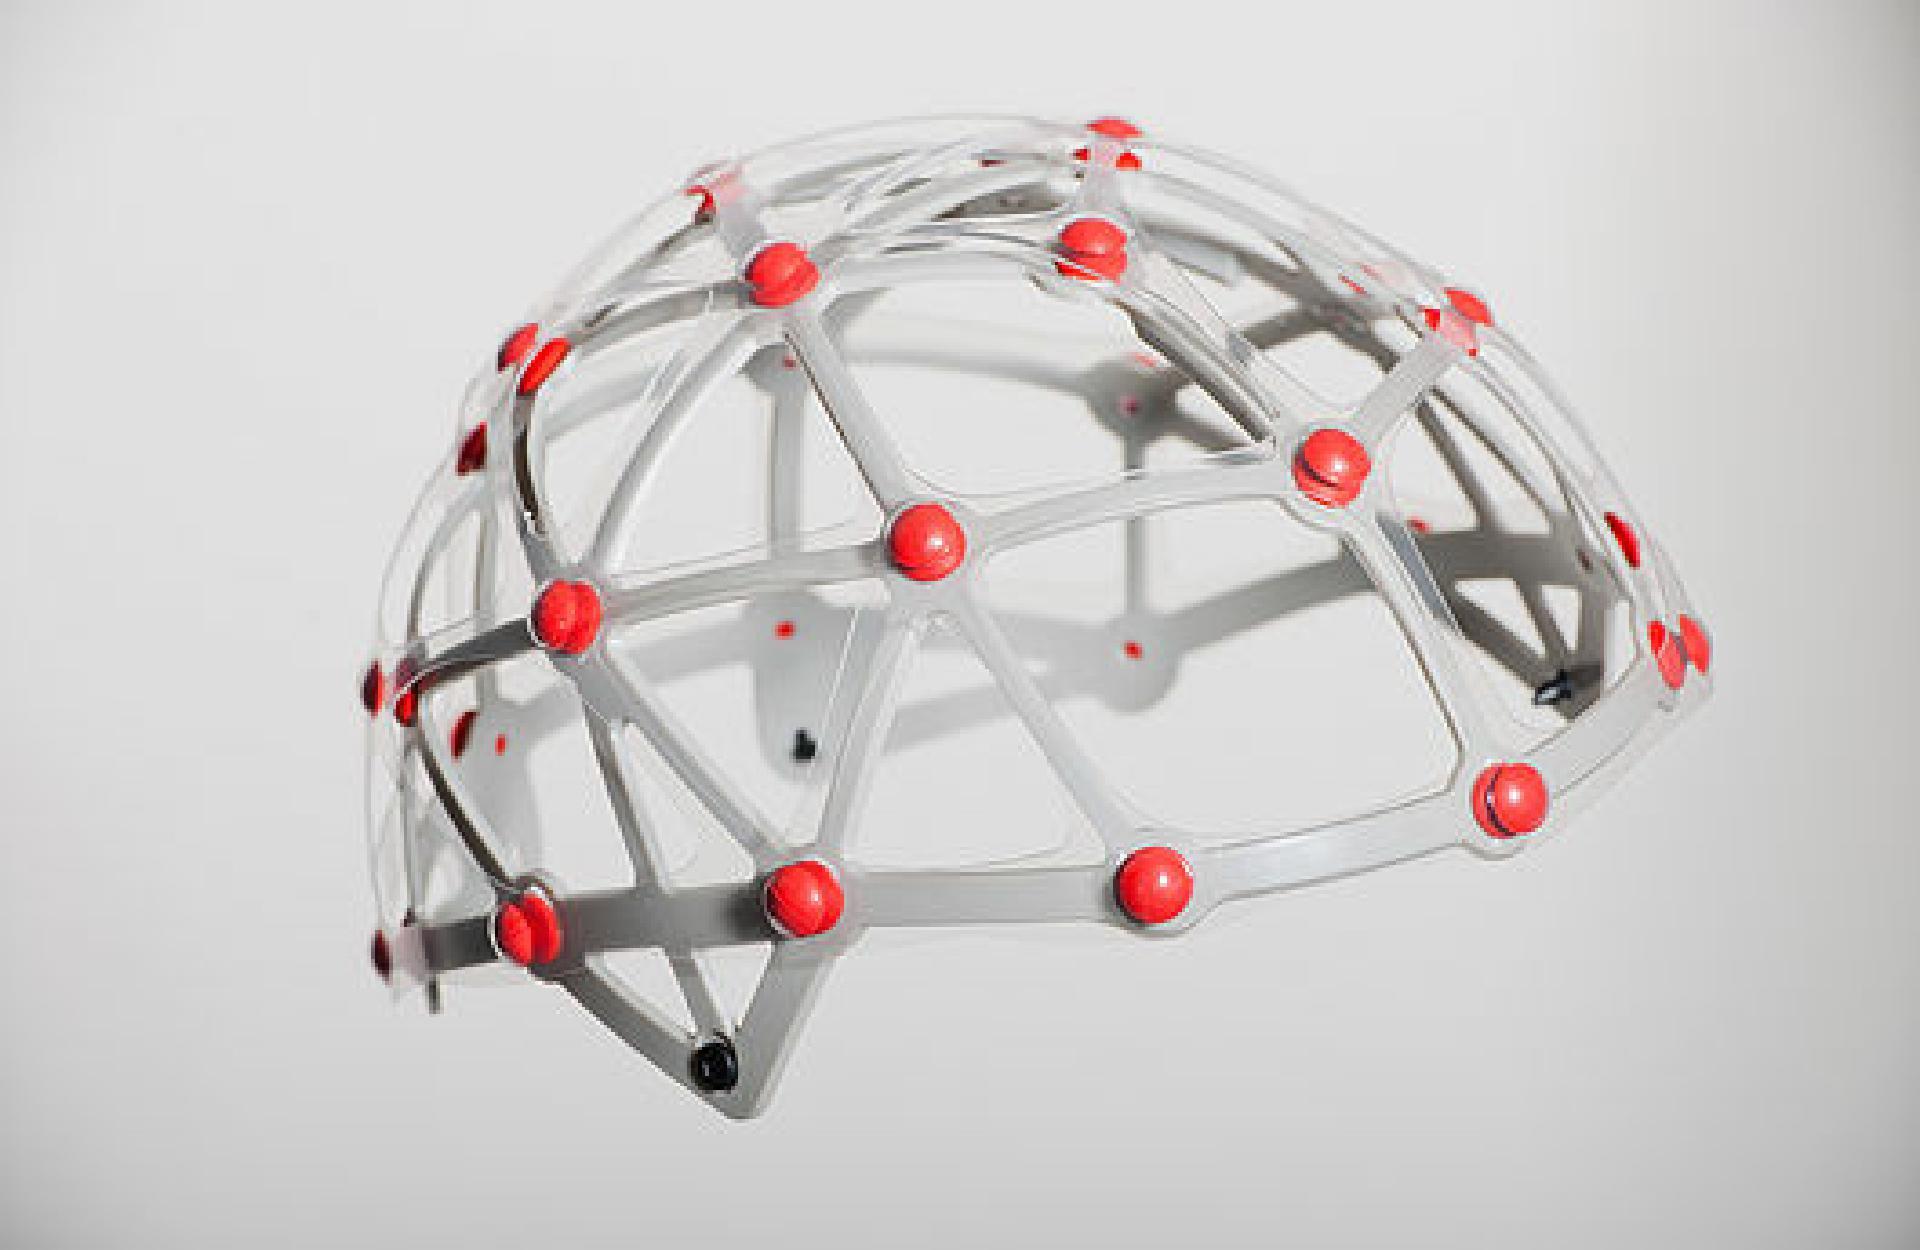 So schaut es im inneren des ATB-1T aus: Ein Netz aus 27 einzelnen Dämpfern federt die Kräfte, die auf die Schale einwirken zusätzlich ab.